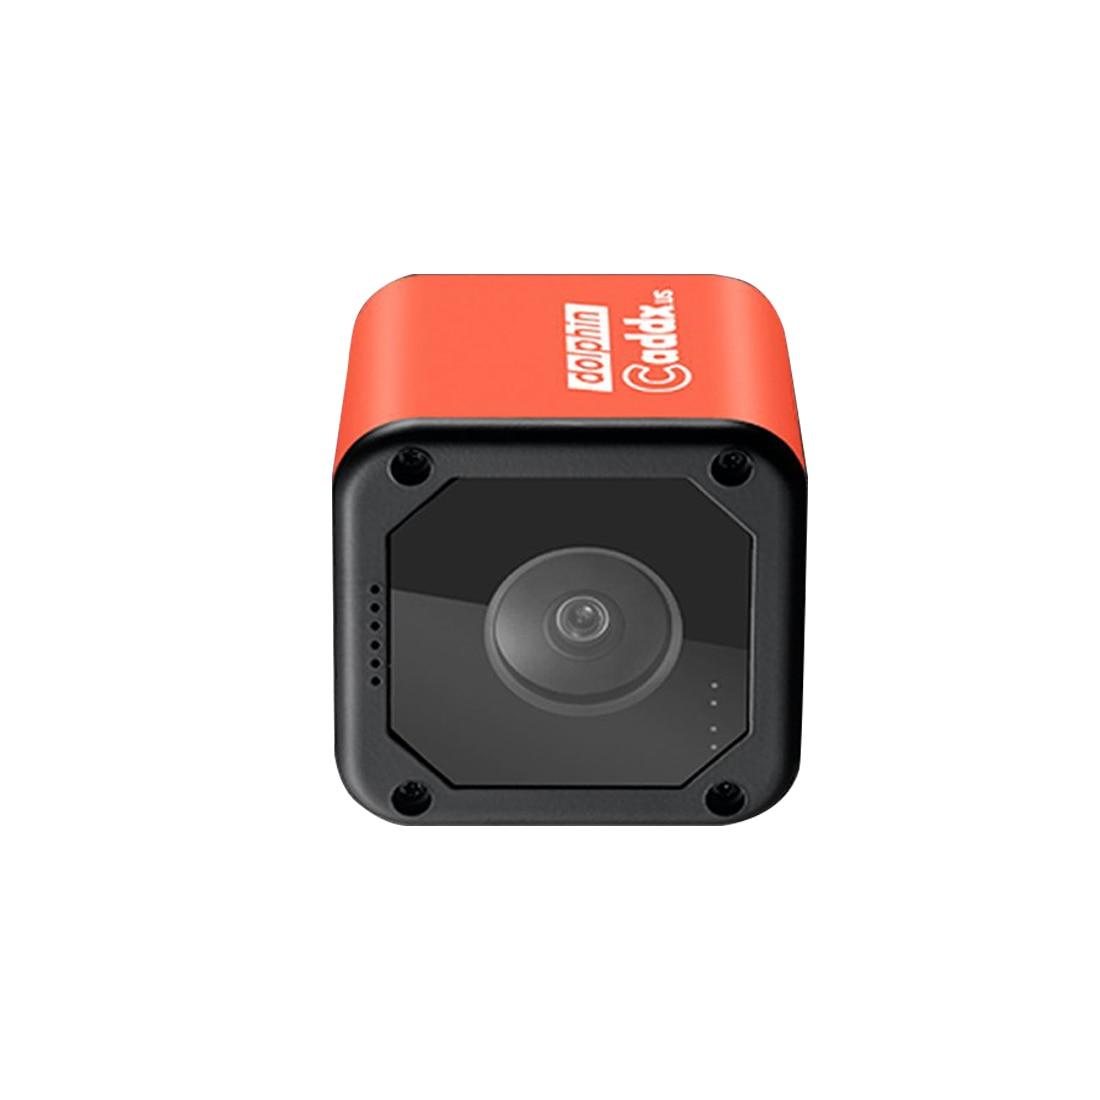 Caddx Дельфин Starlight 1080P DVR HD Запись Wifi 150 градусов мини Экшн Спортивная камера Интернет поток Cam Запчасти Аксессуары